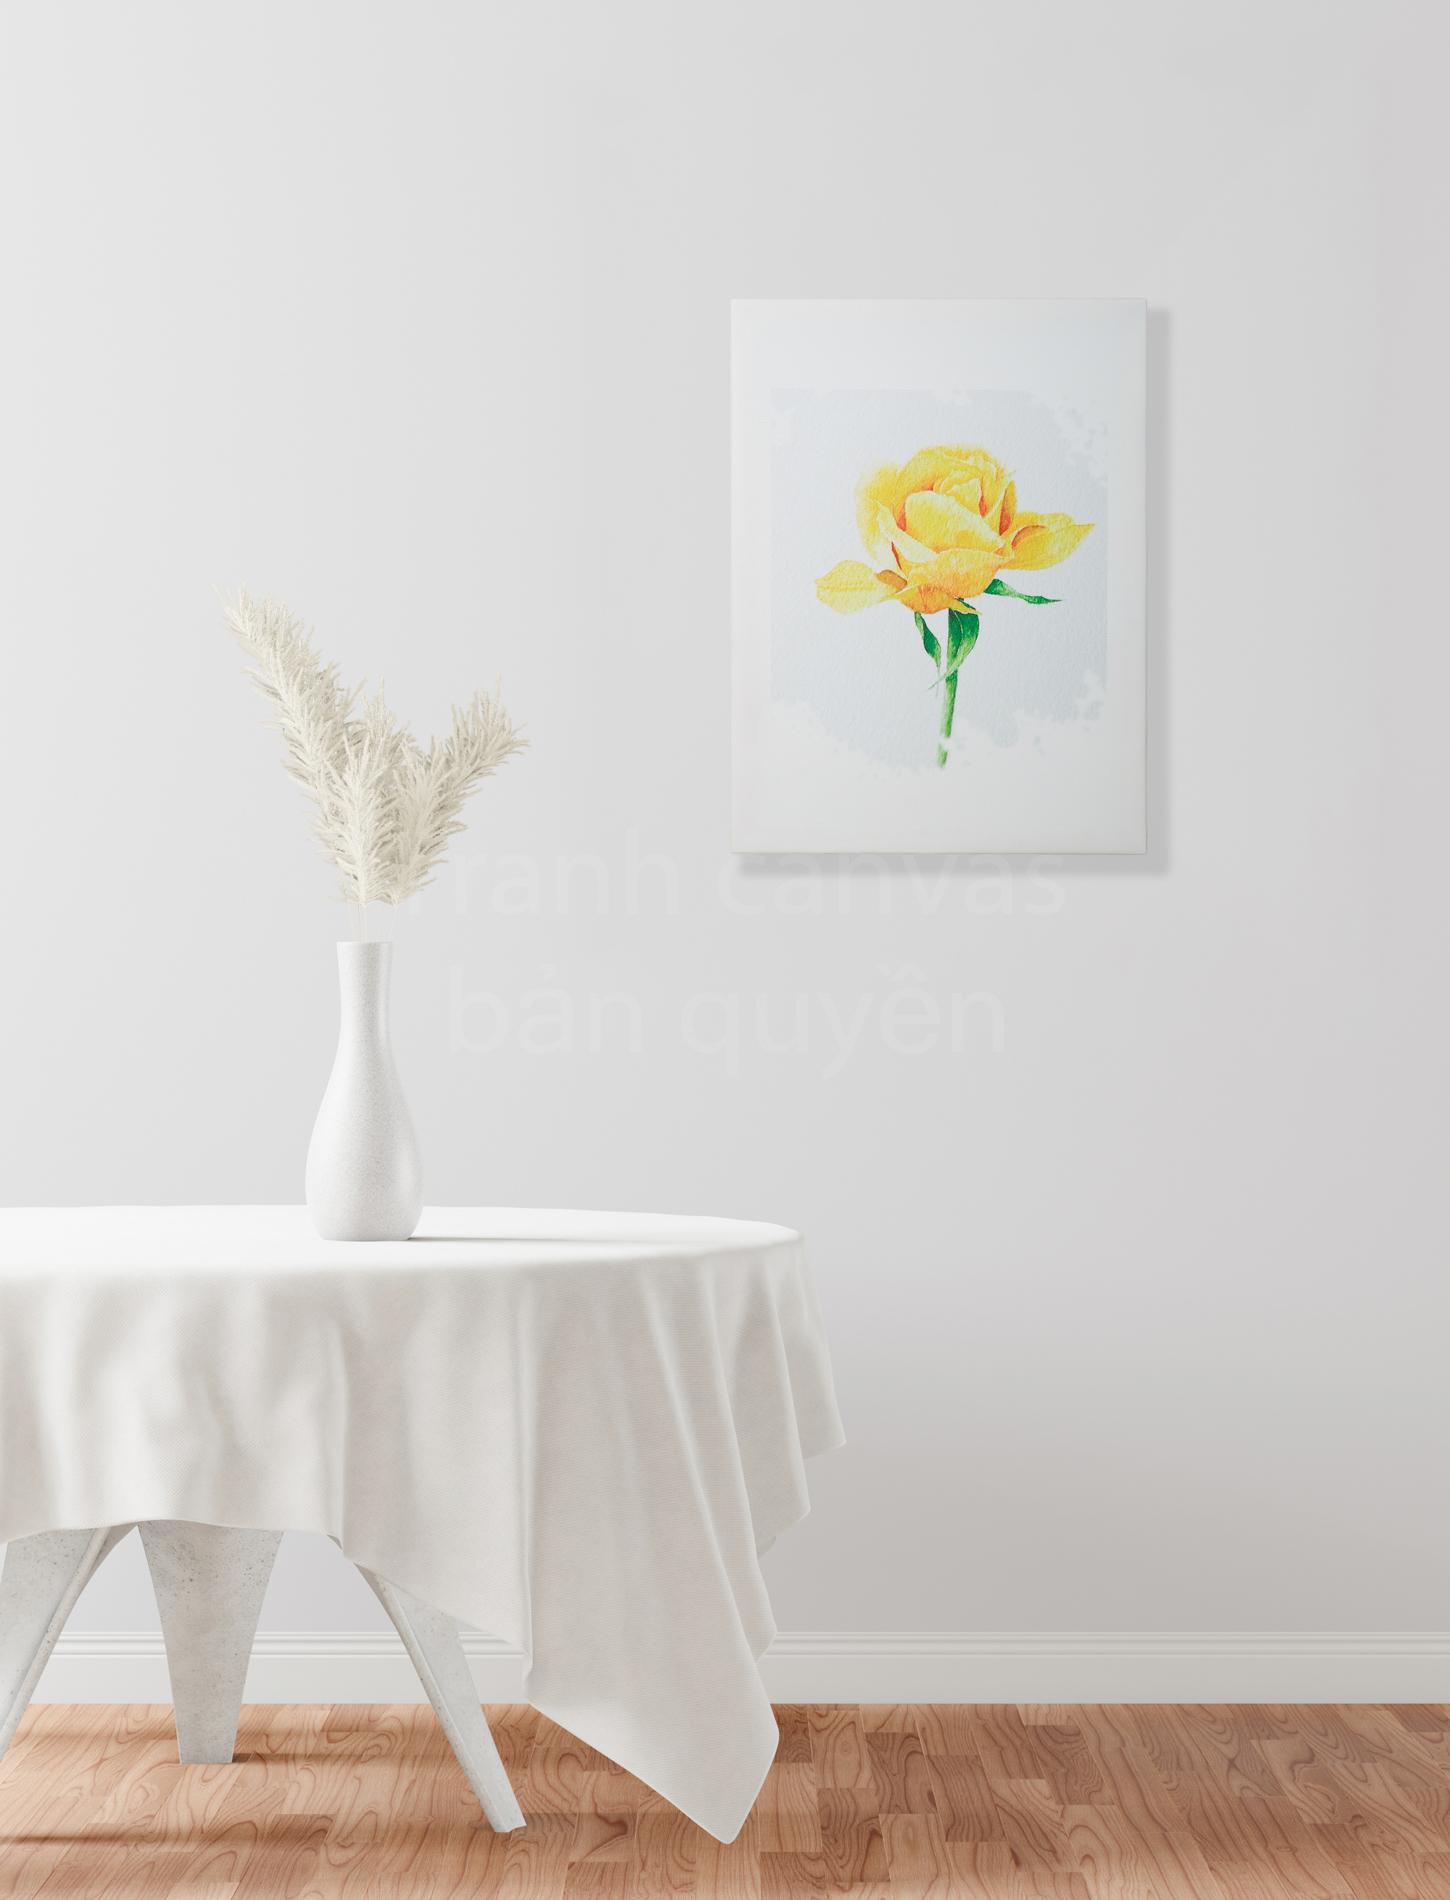 Tranh Canvas Hoa Hồng Vàng treo tường chất lượng cao với hình ảnh bản quyền độc đáo